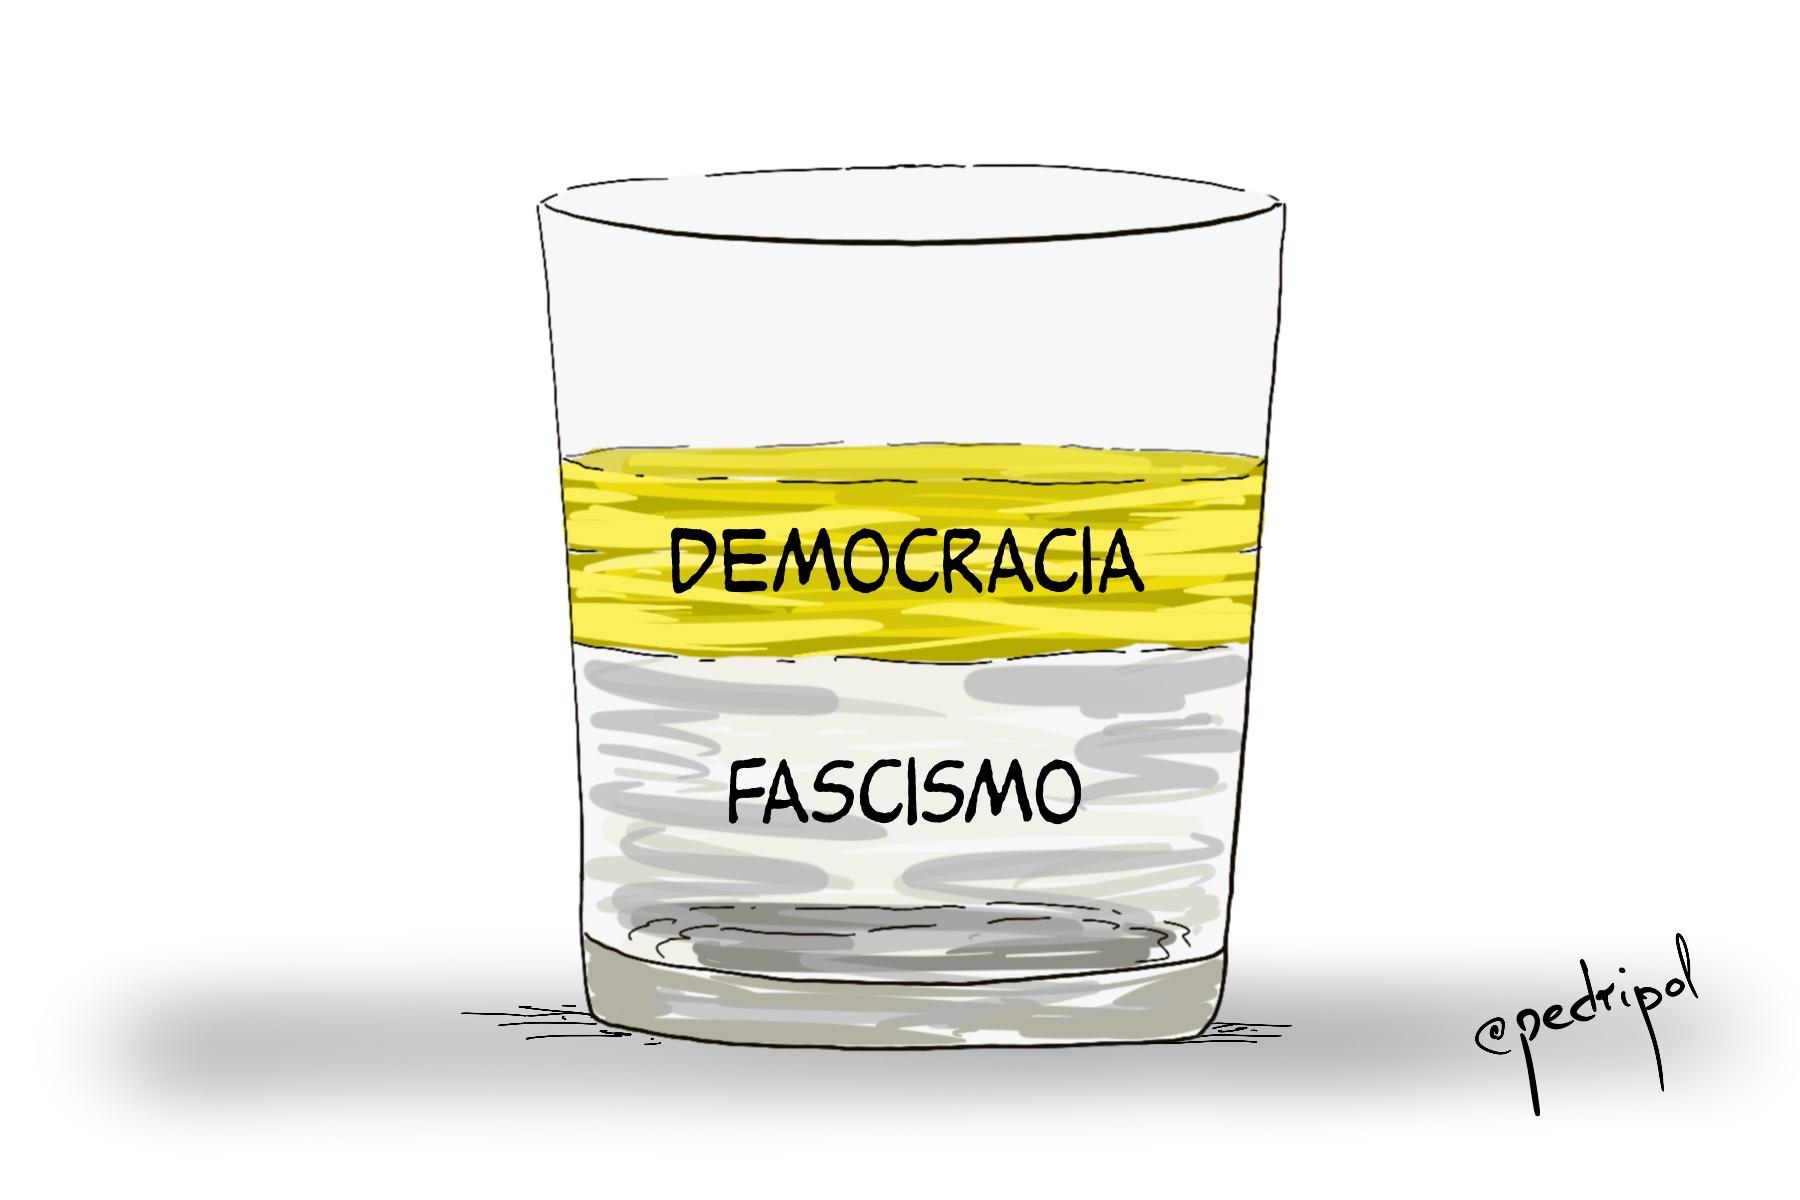 <p>Democracia, fascismo, Madrid</p>